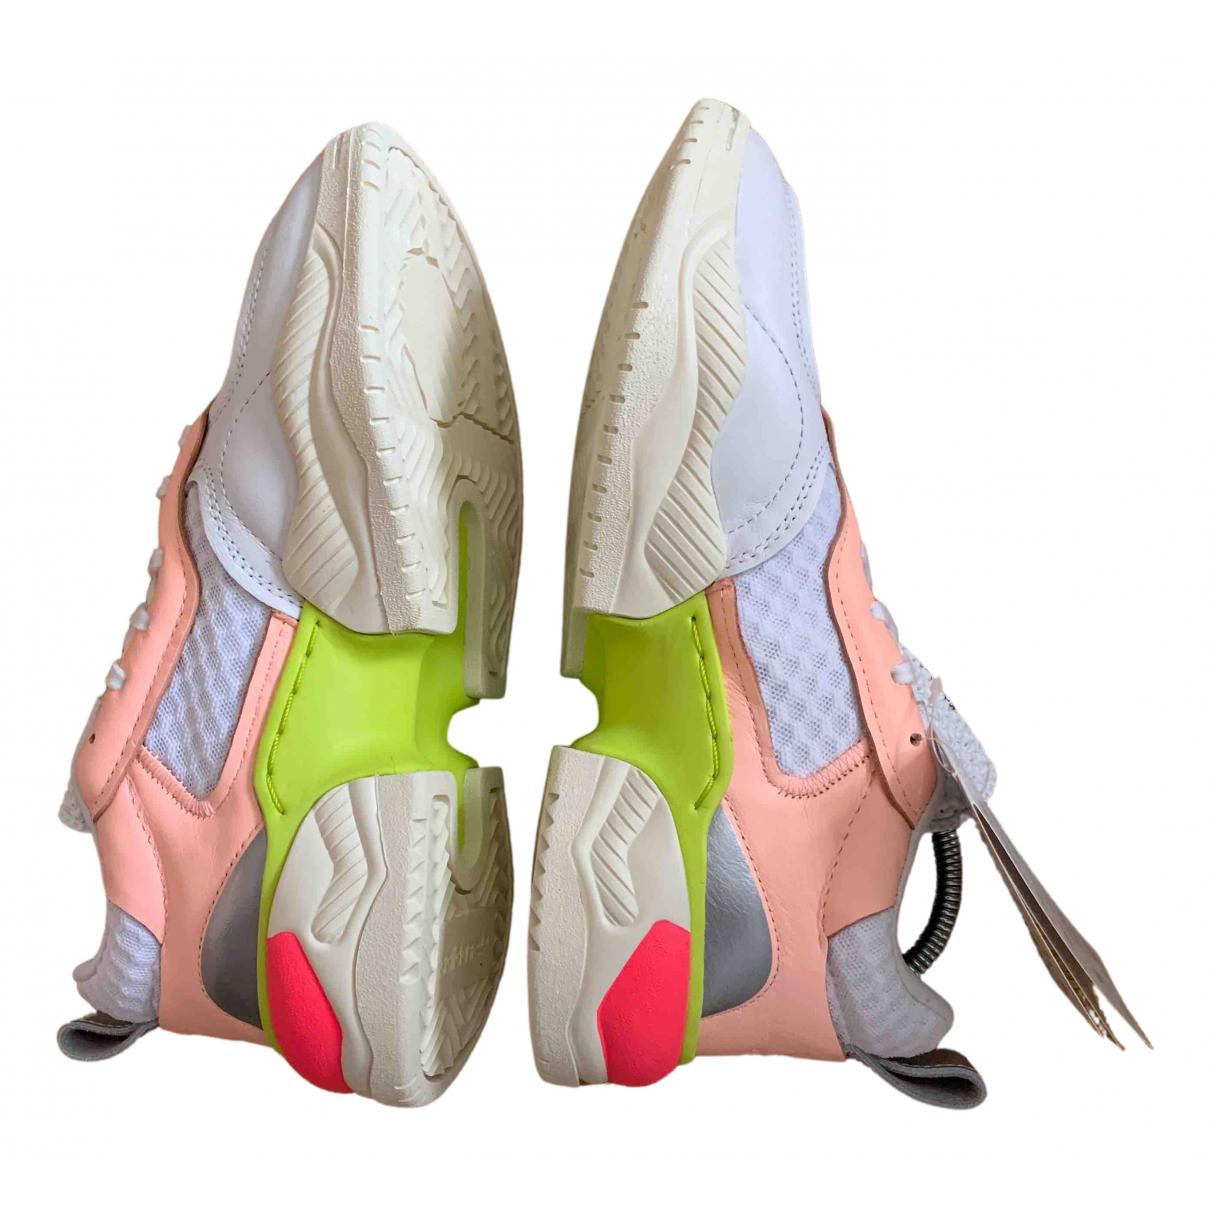 Adidas - Baskets   pour femme en caoutchouc - blanc